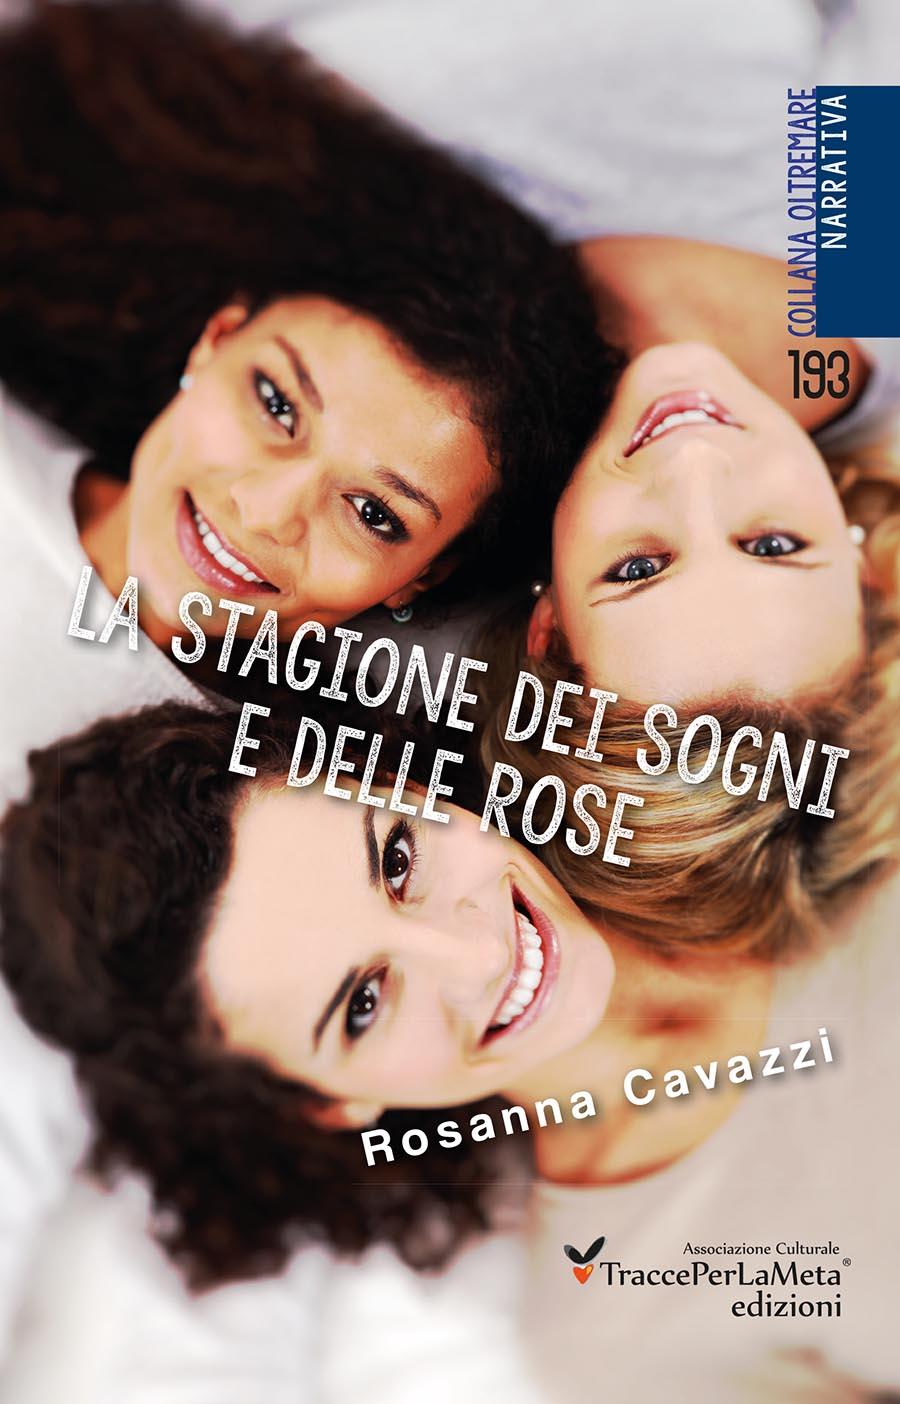 193_La_stagione_dei_sogni_e_delle_rose900